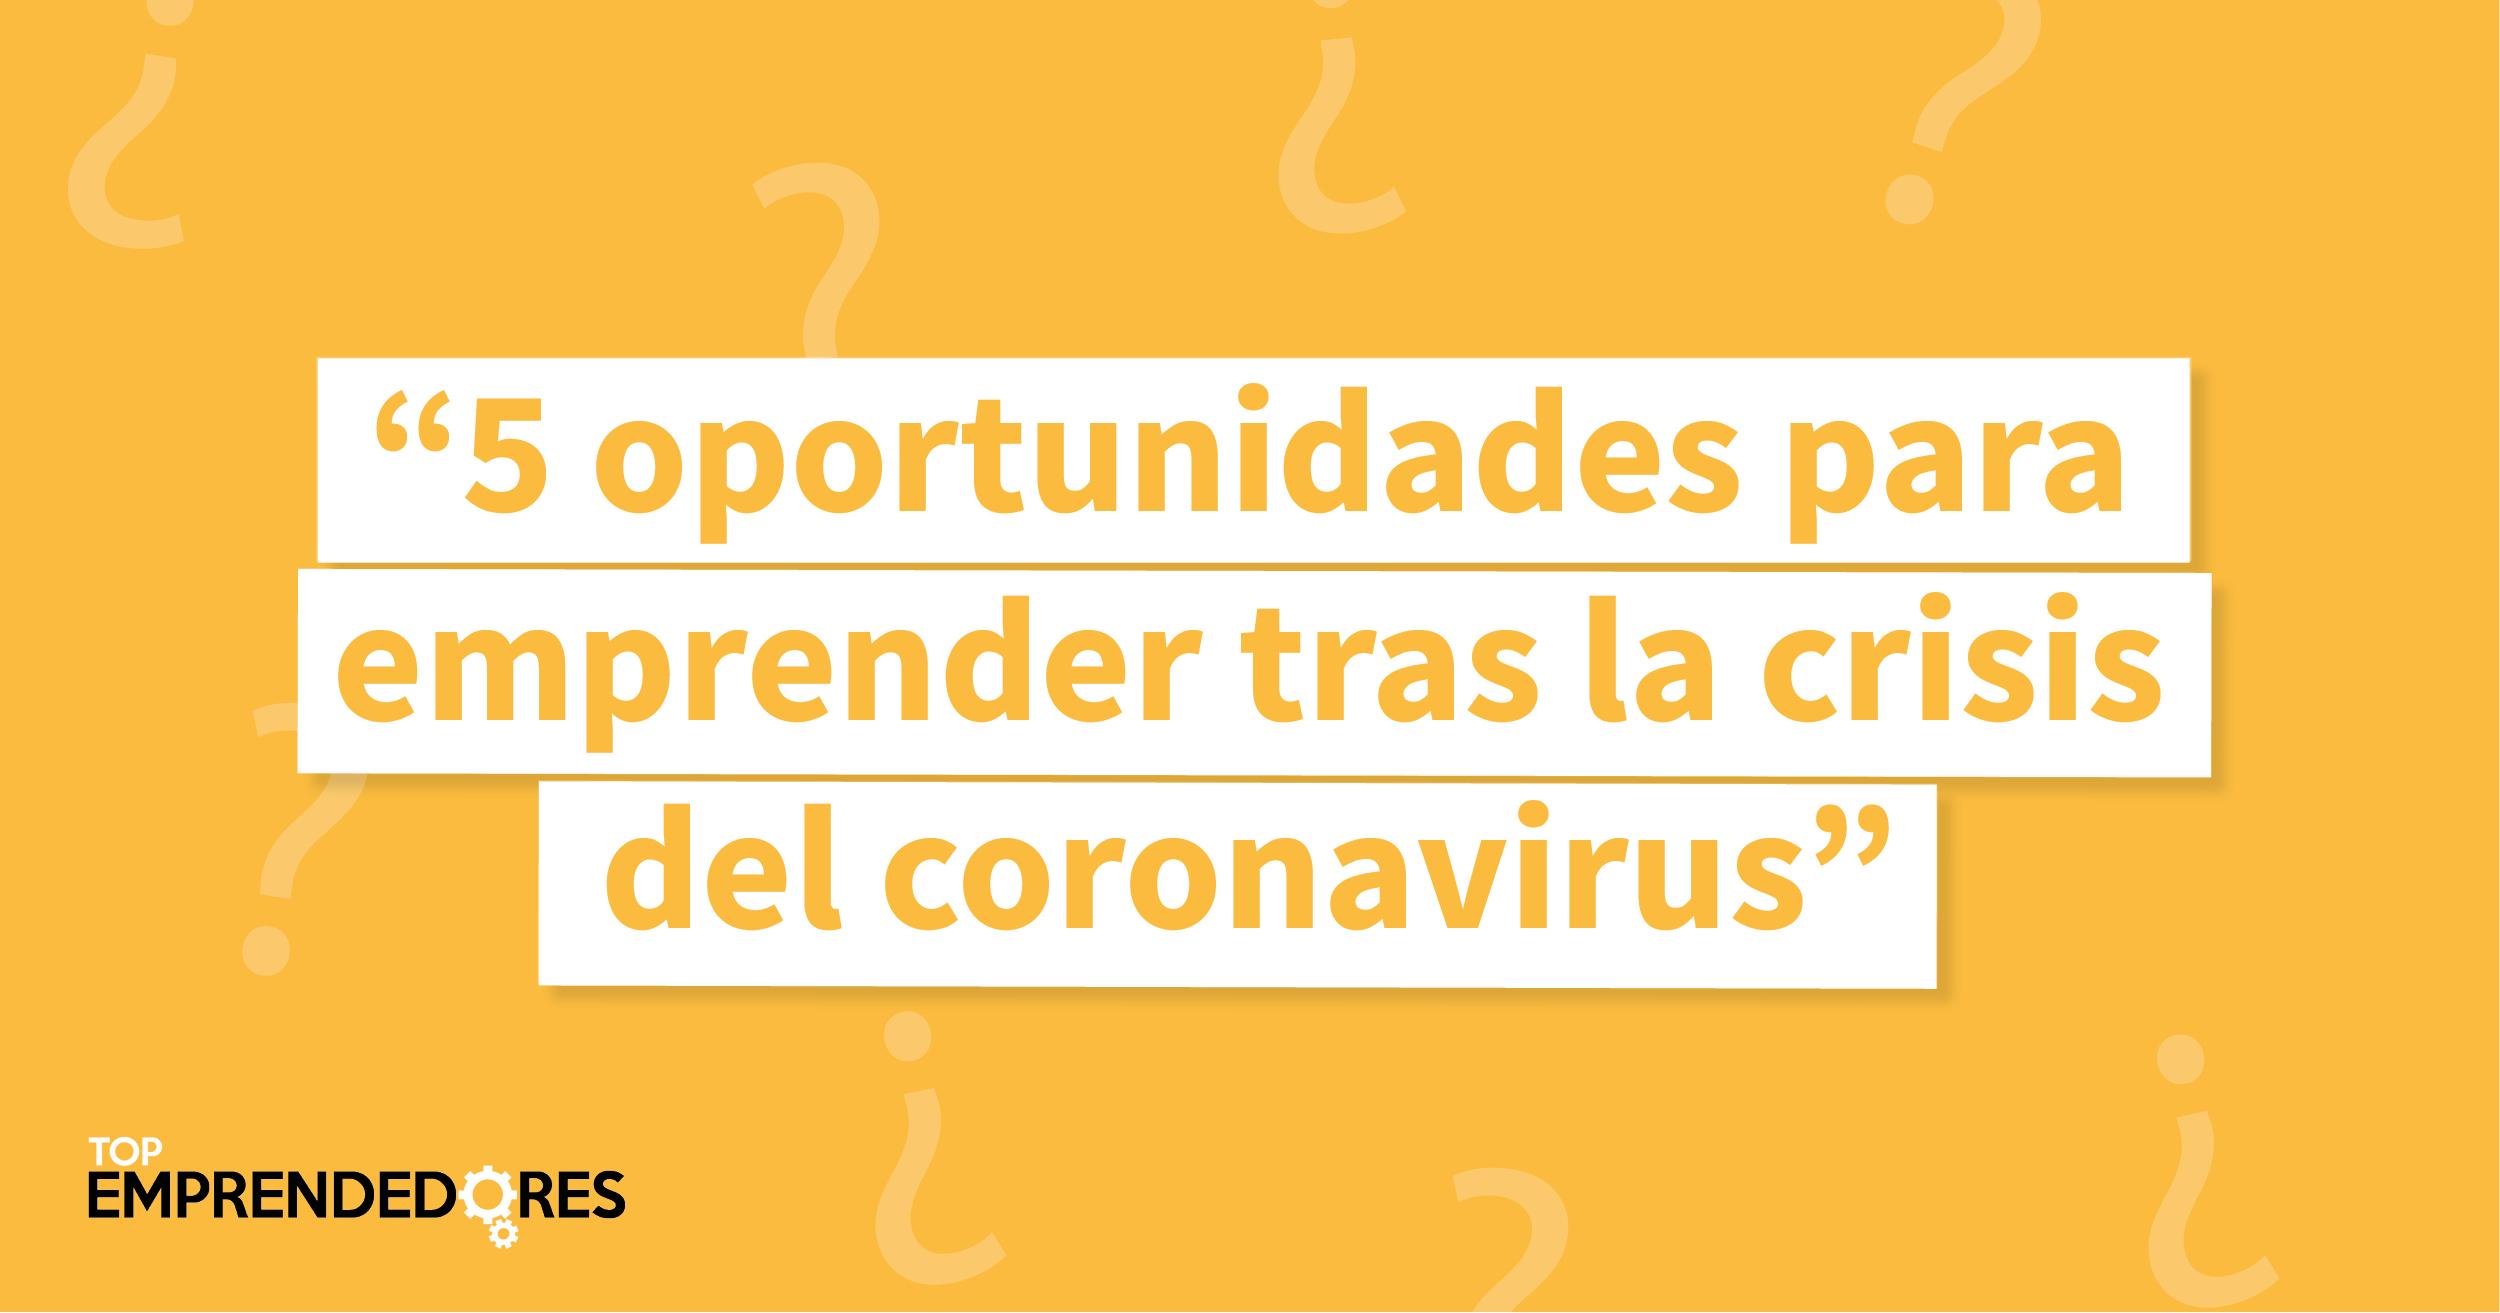 Coronavirus: 5 oportunidades para emprender tras la crisis